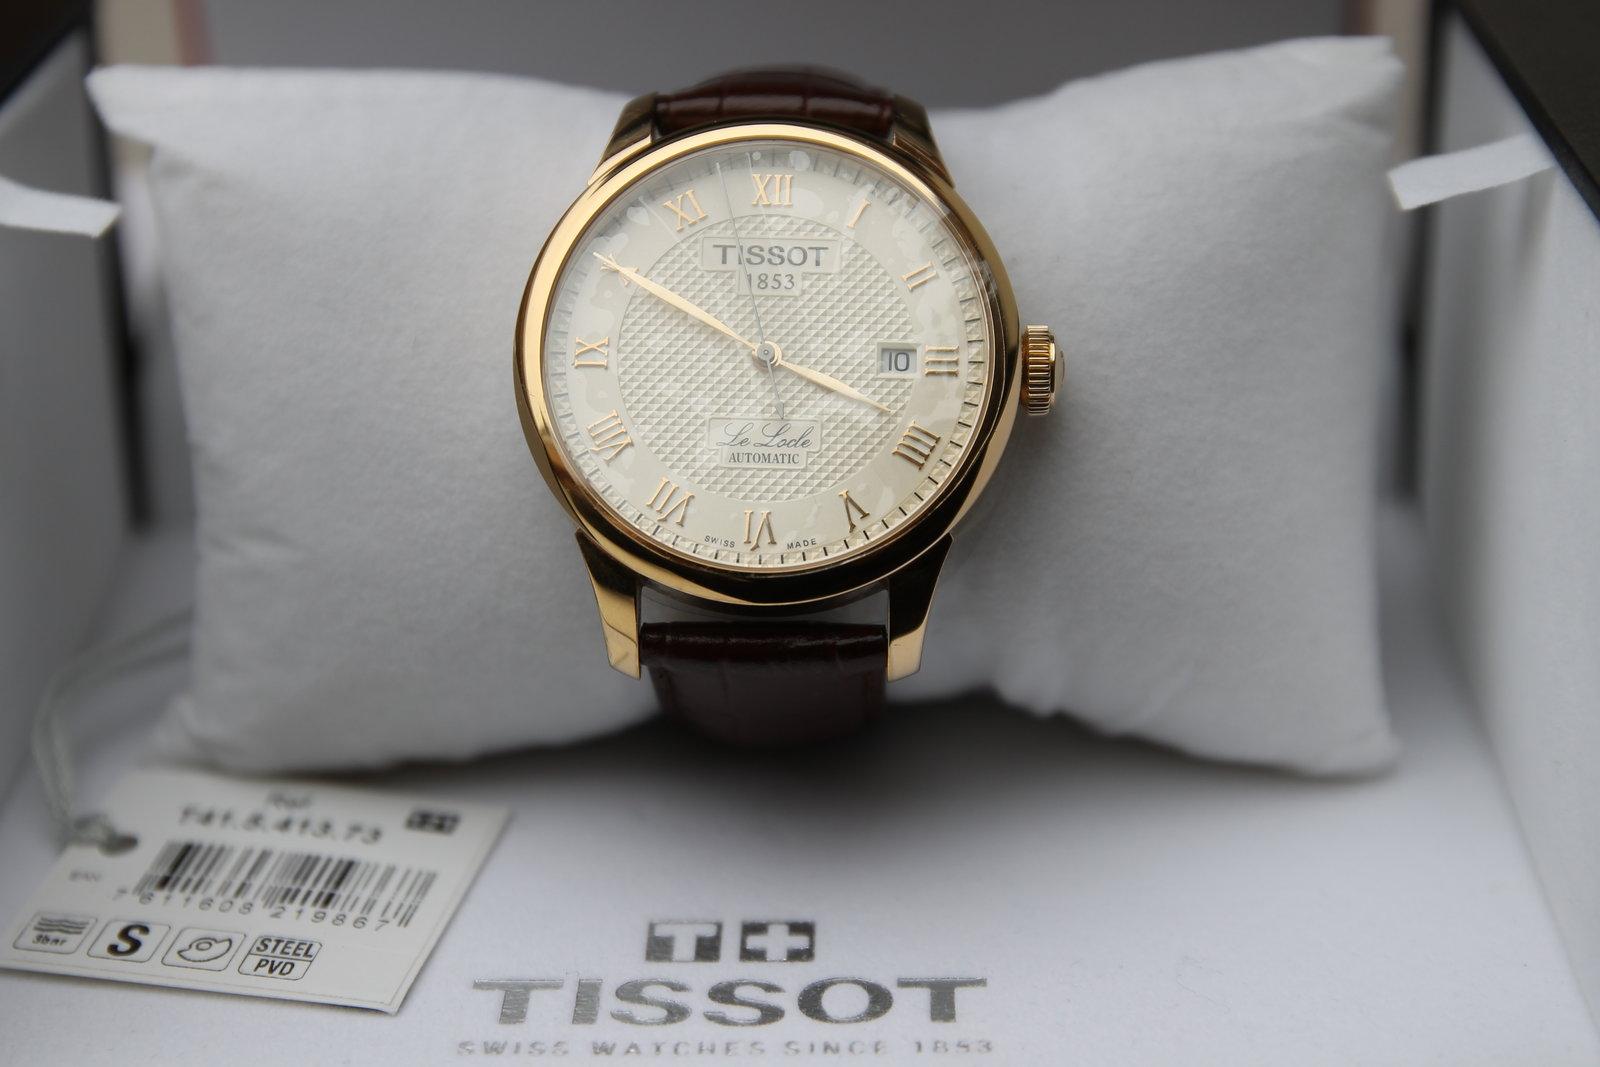 Đồng hồ nam Tissot 1853 T41.5.413.73 Automatic tại show room đồng hồ Tre Vàng